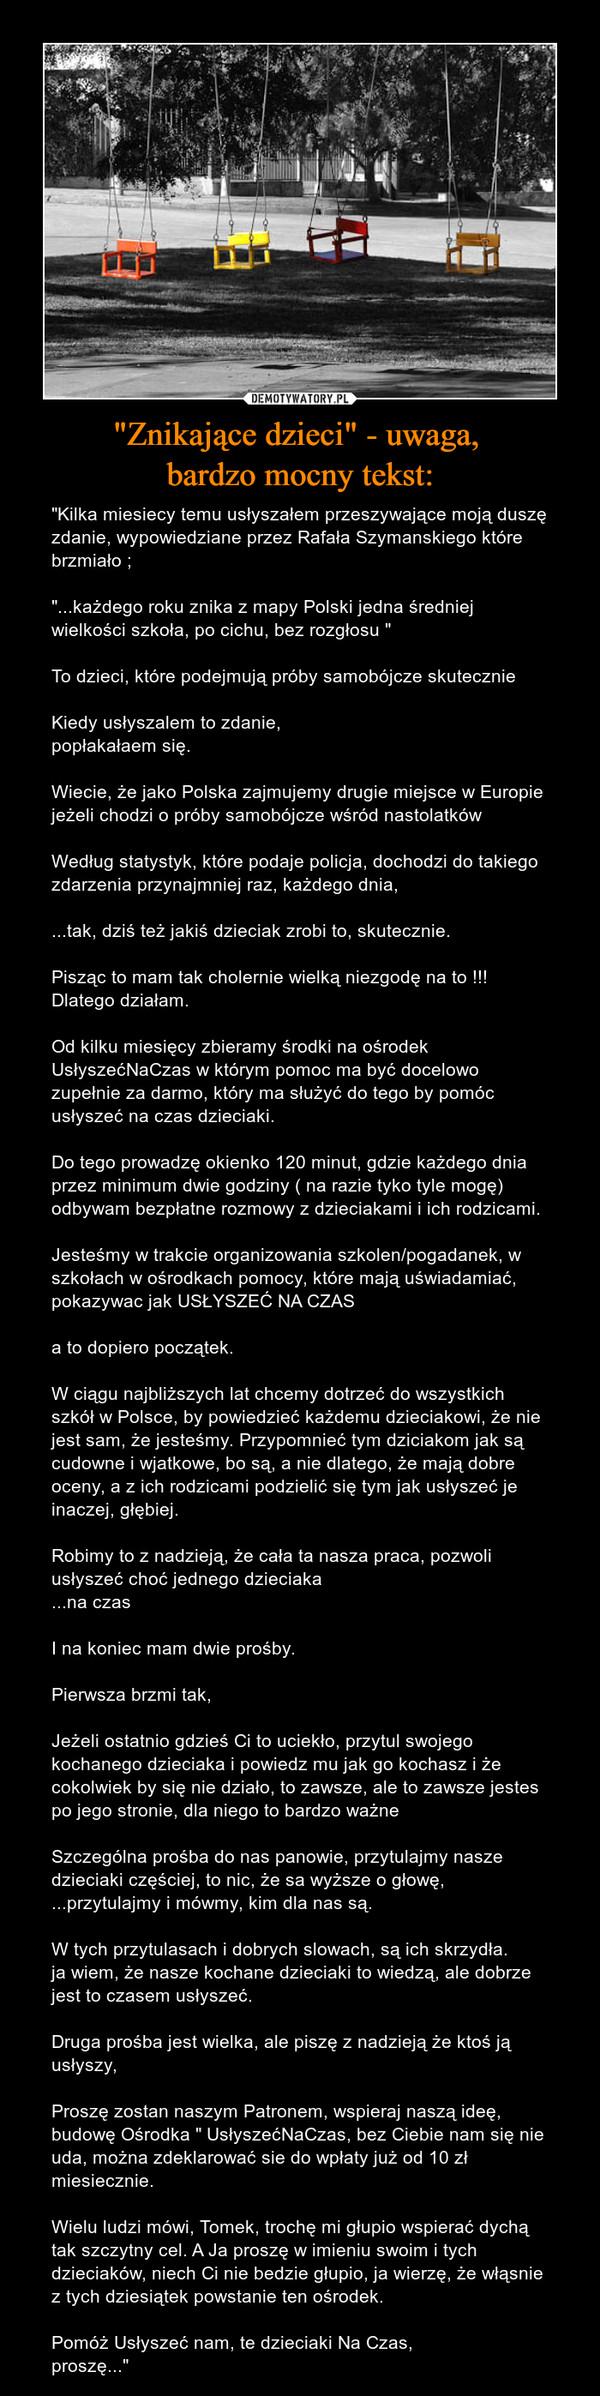 """""""Znikające dzieci"""" - uwaga, bardzo mocny tekst: – """"Kilka miesiecy temu usłyszałem przeszywające moją duszę zdanie, wypowiedziane przez Rafała Szymanskiego które brzmiało ;""""...każdego roku znika z mapy Polski jedna średniej wielkości szkoła, po cichu, bez rozgłosu """"To dzieci, które podejmują próby samobójcze skutecznieKiedy usłyszalem to zdanie,popłakałaem się.Wiecie, że jako Polska zajmujemy drugie miejsce w Europie jeżeli chodzi o próby samobójcze wśród nastolatkówWedług statystyk, które podaje policja, dochodzi do takiego zdarzenia przynajmniej raz, każdego dnia,...tak, dziś też jakiś dzieciak zrobi to, skutecznie.Pisząc to mam tak cholernie wielką niezgodę na to !!!Dlatego działam.Od kilku miesięcy zbieramy środki na ośrodek UsłyszećNaCzas w którym pomoc ma być docelowo zupełnie za darmo, który ma służyć do tego by pomóc usłyszeć na czas dzieciaki.Do tego prowadzę okienko 120 minut, gdzie każdego dnia przez minimum dwie godziny ( na razie tyko tyle mogę) odbywam bezpłatne rozmowy z dzieciakami i ich rodzicami.Jesteśmy w trakcie organizowania szkolen/pogadanek, w szkołach w ośrodkach pomocy, które mają uświadamiać, pokazywac jak USŁYSZEĆ NA CZASa to dopiero początek.W ciągu najbliższych lat chcemy dotrzeć do wszystkich szkół w Polsce, by powiedzieć każdemu dzieciakowi, że nie jest sam, że jesteśmy. Przypomnieć tym dziciakom jak są cudowne i wjatkowe, bo są, a nie dlatego, że mają dobre oceny, a z ich rodzicami podzielić się tym jak usłyszeć je inaczej, głębiej.Robimy to z nadzieją, że cała ta nasza praca, pozwoli usłyszeć choć jednego dzieciaka...na czasI na koniec mam dwie prośby.Pierwsza brzmi tak,Jeżeli ostatnio gdzieś Ci to uciekło, przytul swojego kochanego dzieciaka i powiedz mu jak go kochasz i że cokolwiek by się nie działo, to zawsze, ale to zawsze jestes po jego stronie, dla niego to bardzo ważneSzczególna prośba do nas panowie, przytulajmy nasze dzieciaki częściej, to nic, że sa wyższe o głowę,...przytulajmy i mówmy, kim dla nas są.W tych przytulasach i"""